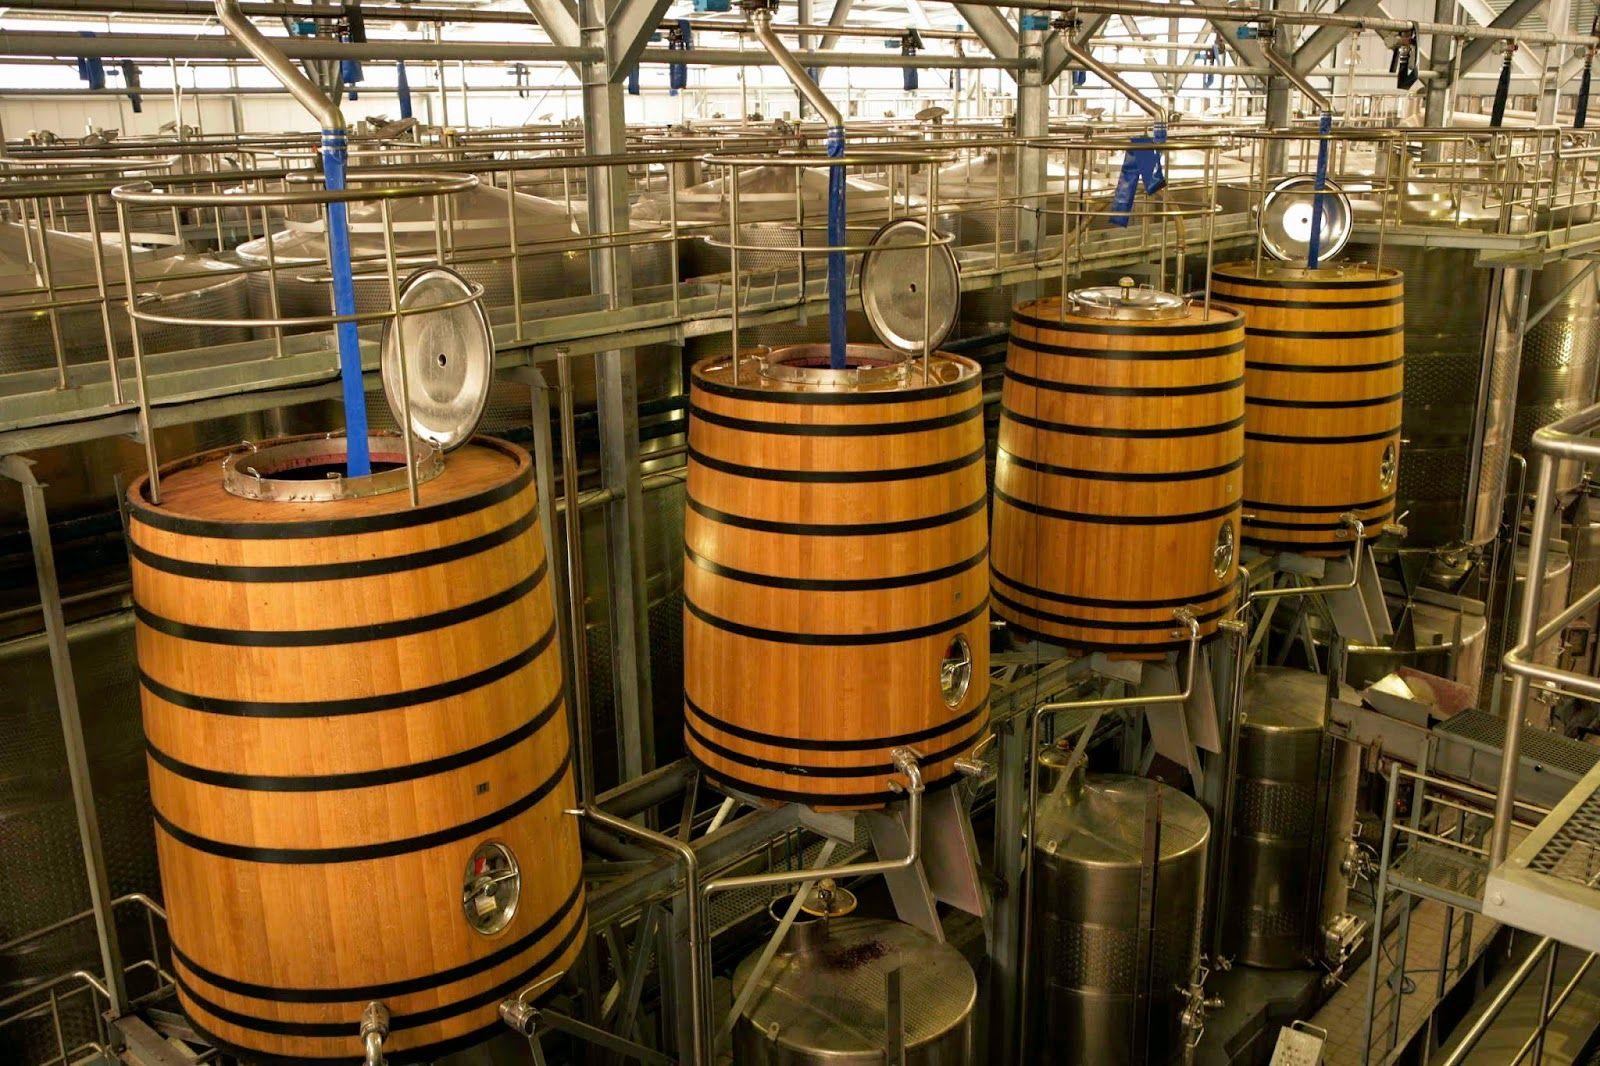 Miguel Chan: Nederburg Harvesting, Vineyards, Cellar and Winema...